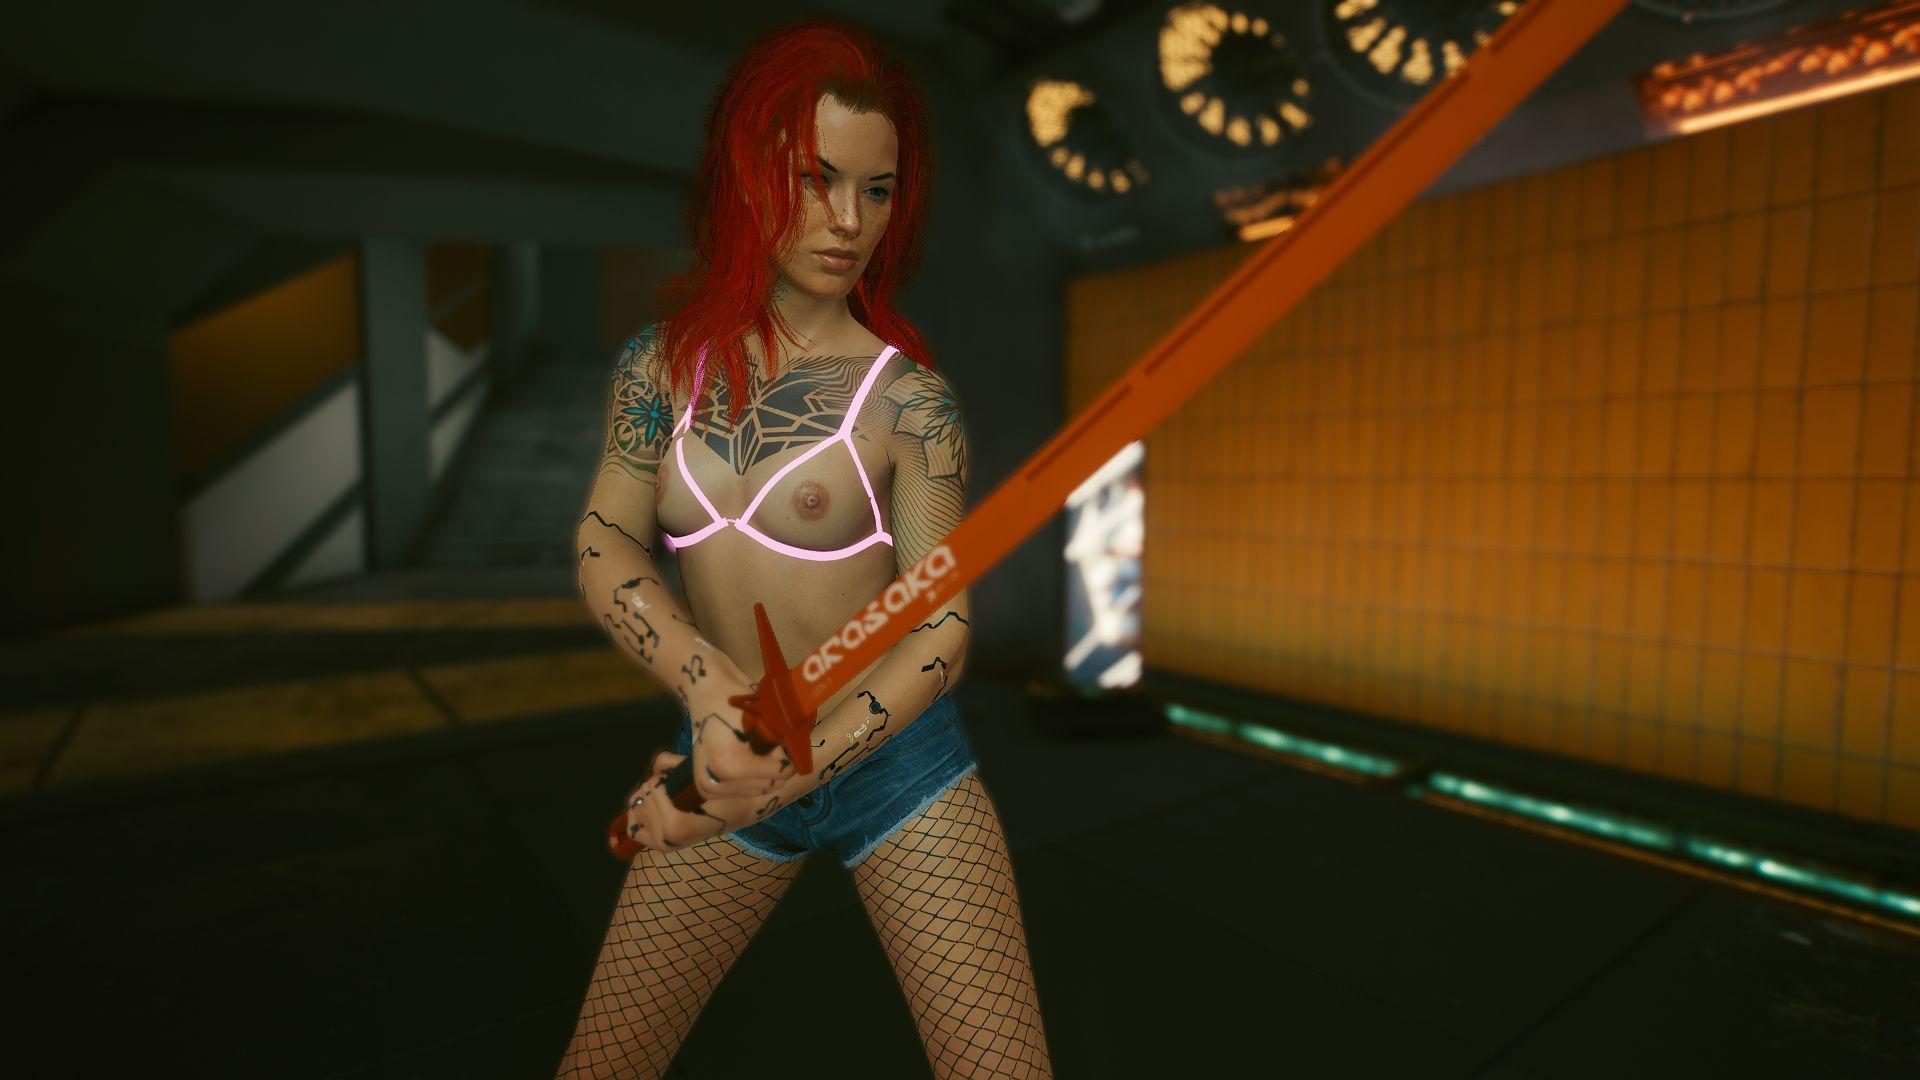 000394.Jpg - Cyberpunk 2077